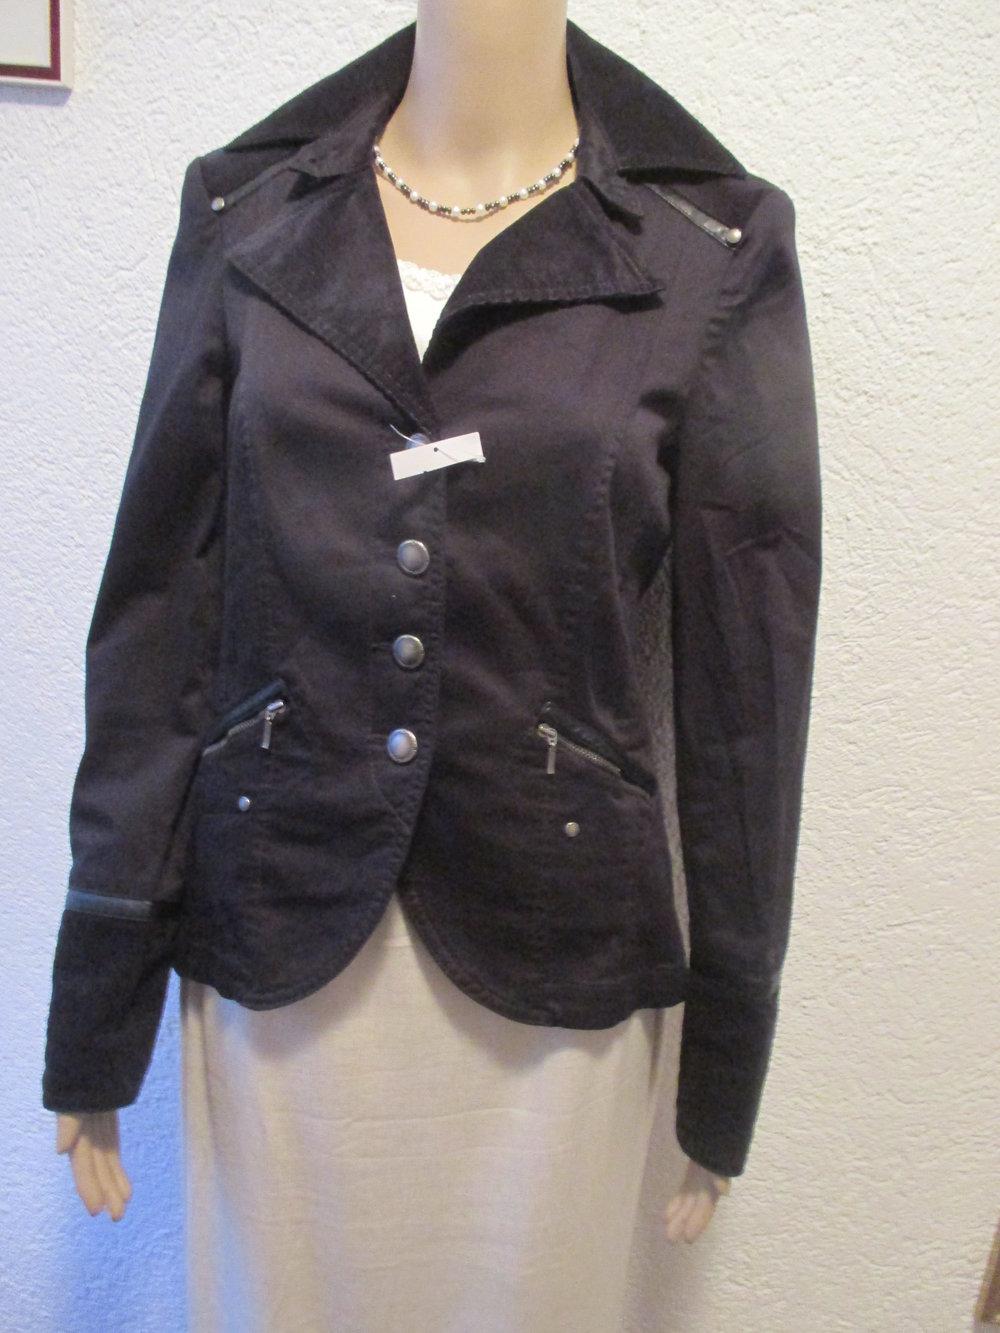 NEU mit ETIKETT Military Style Peplum Schößchen Anzug Kostüm Blazer 'BIBA by ESCADA' Gr. 34 36 XS S schwarz Gothic